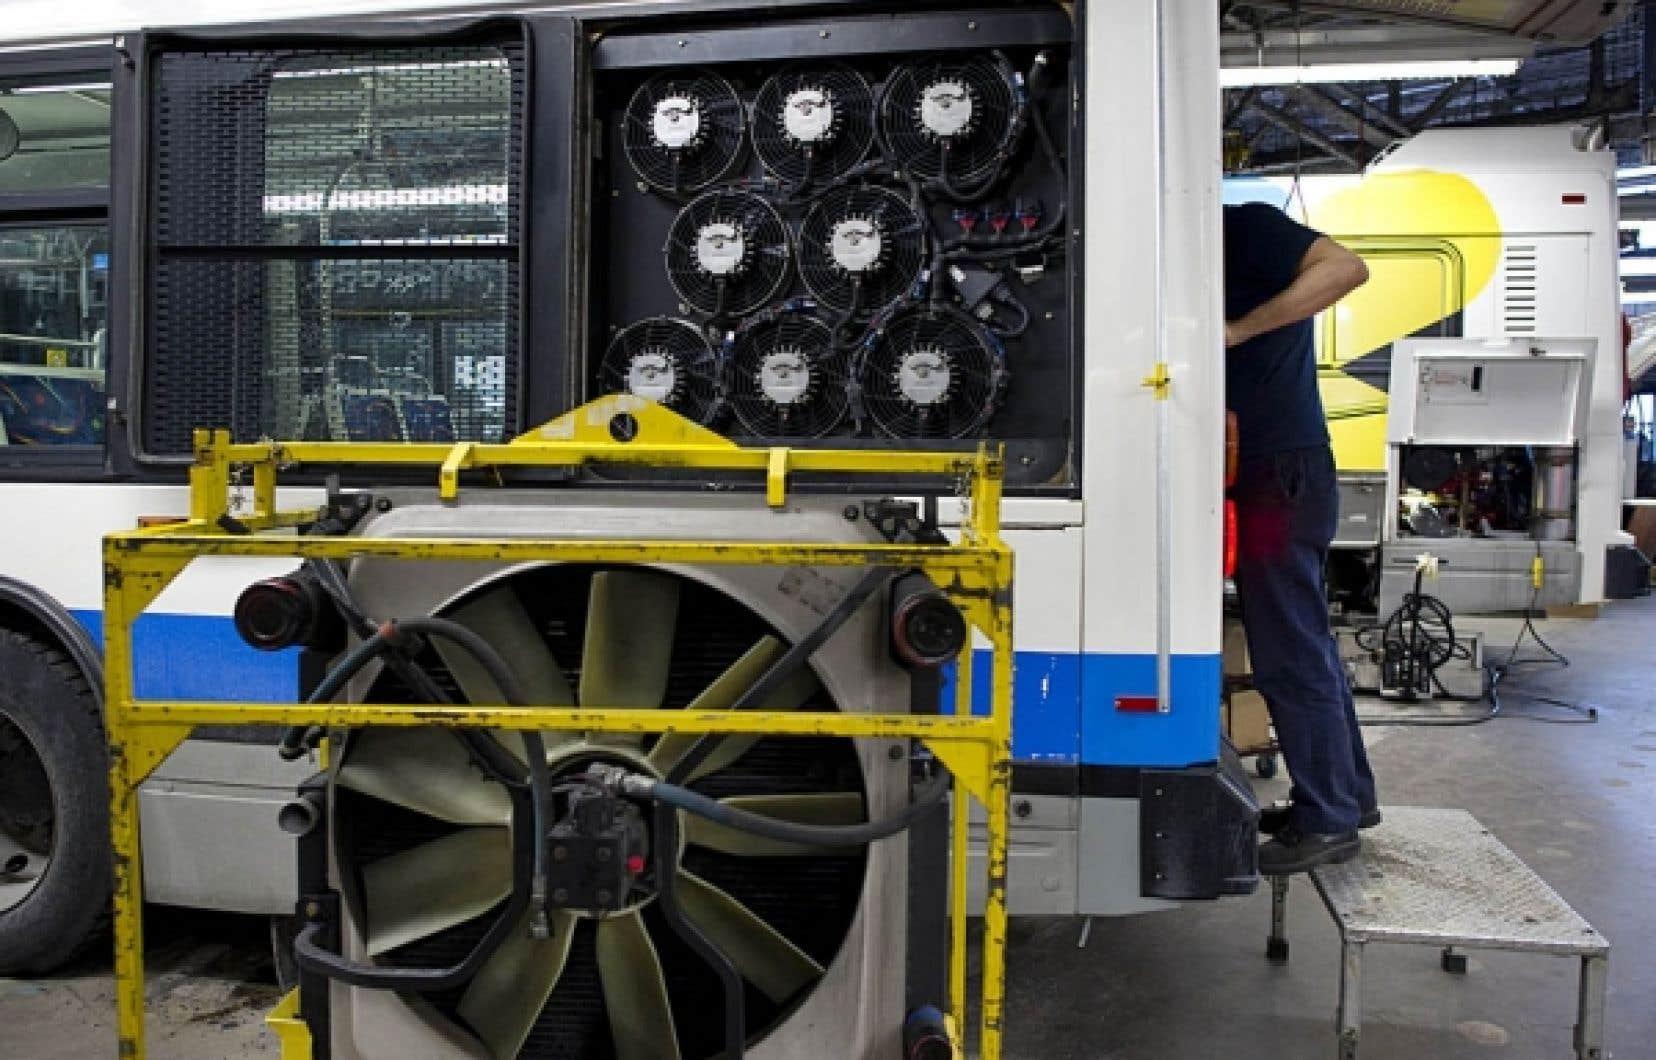 Le nouveau système de refroidissement permettra à la STM de diminuer ses émissions de gaz à effet de serre de 12 000 tonnes de CO2 par année.<br />